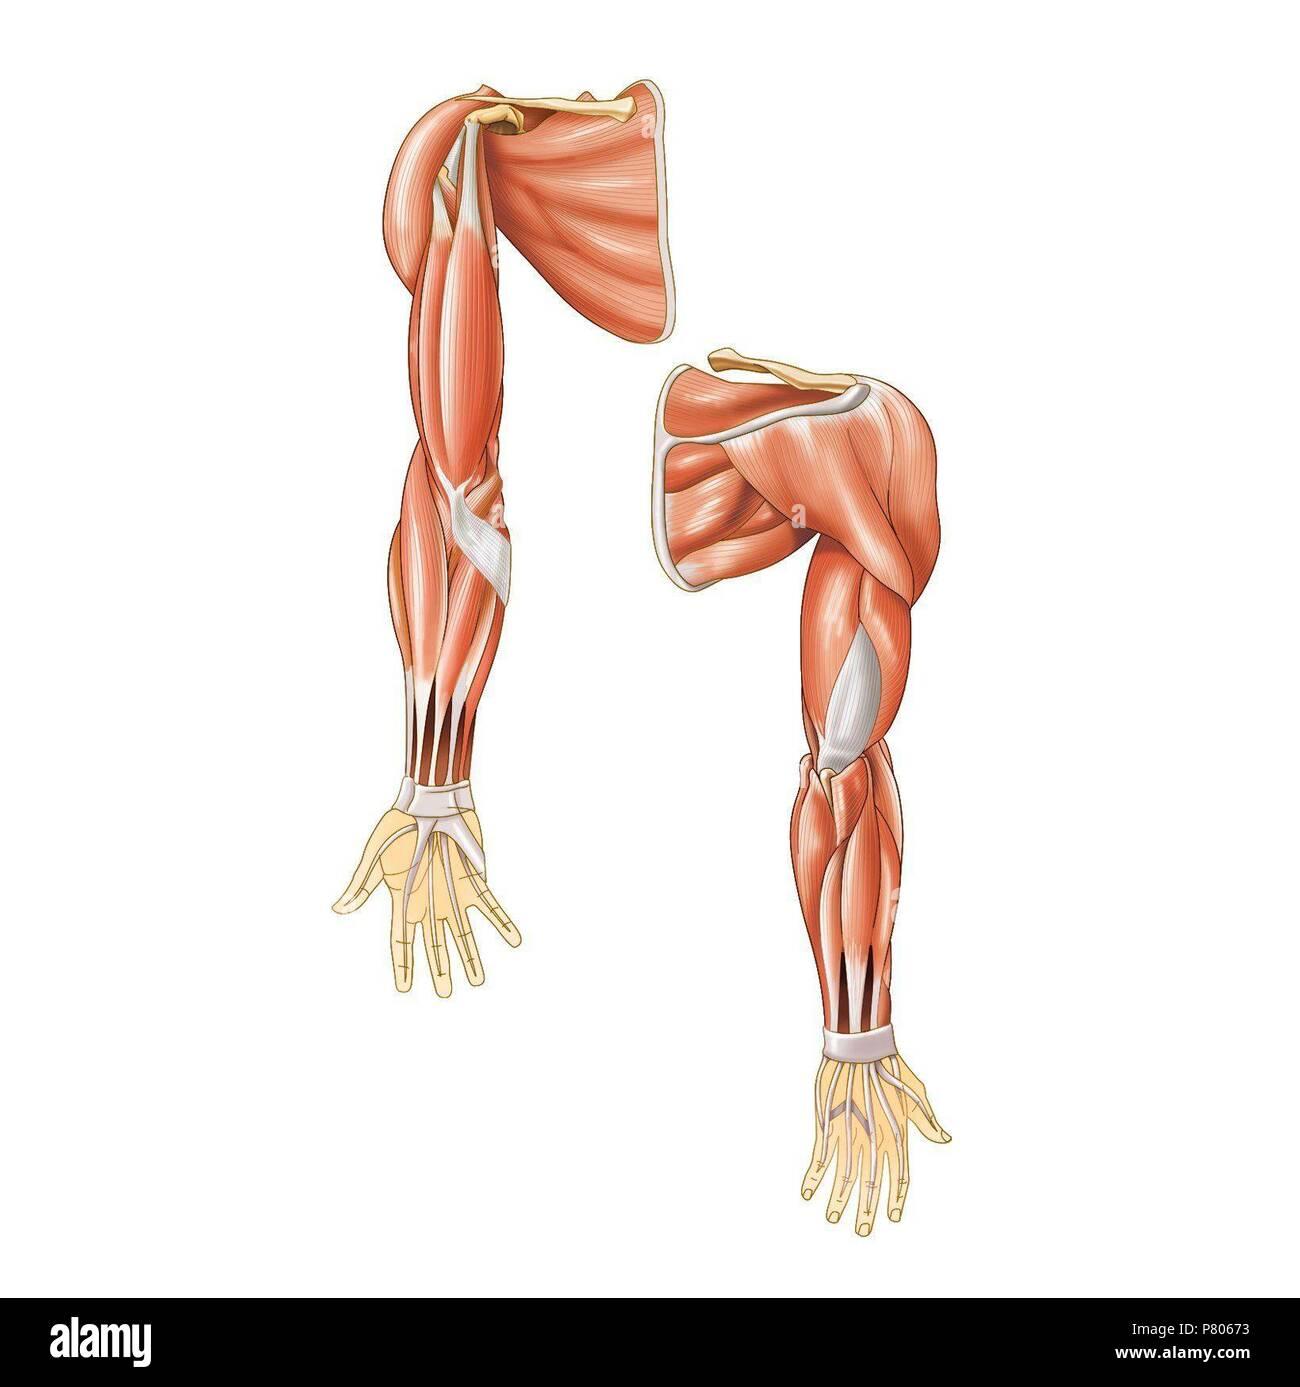 Muskeln der oberen Extremitäten Stockfoto, Bild: 211446567 - Alamy